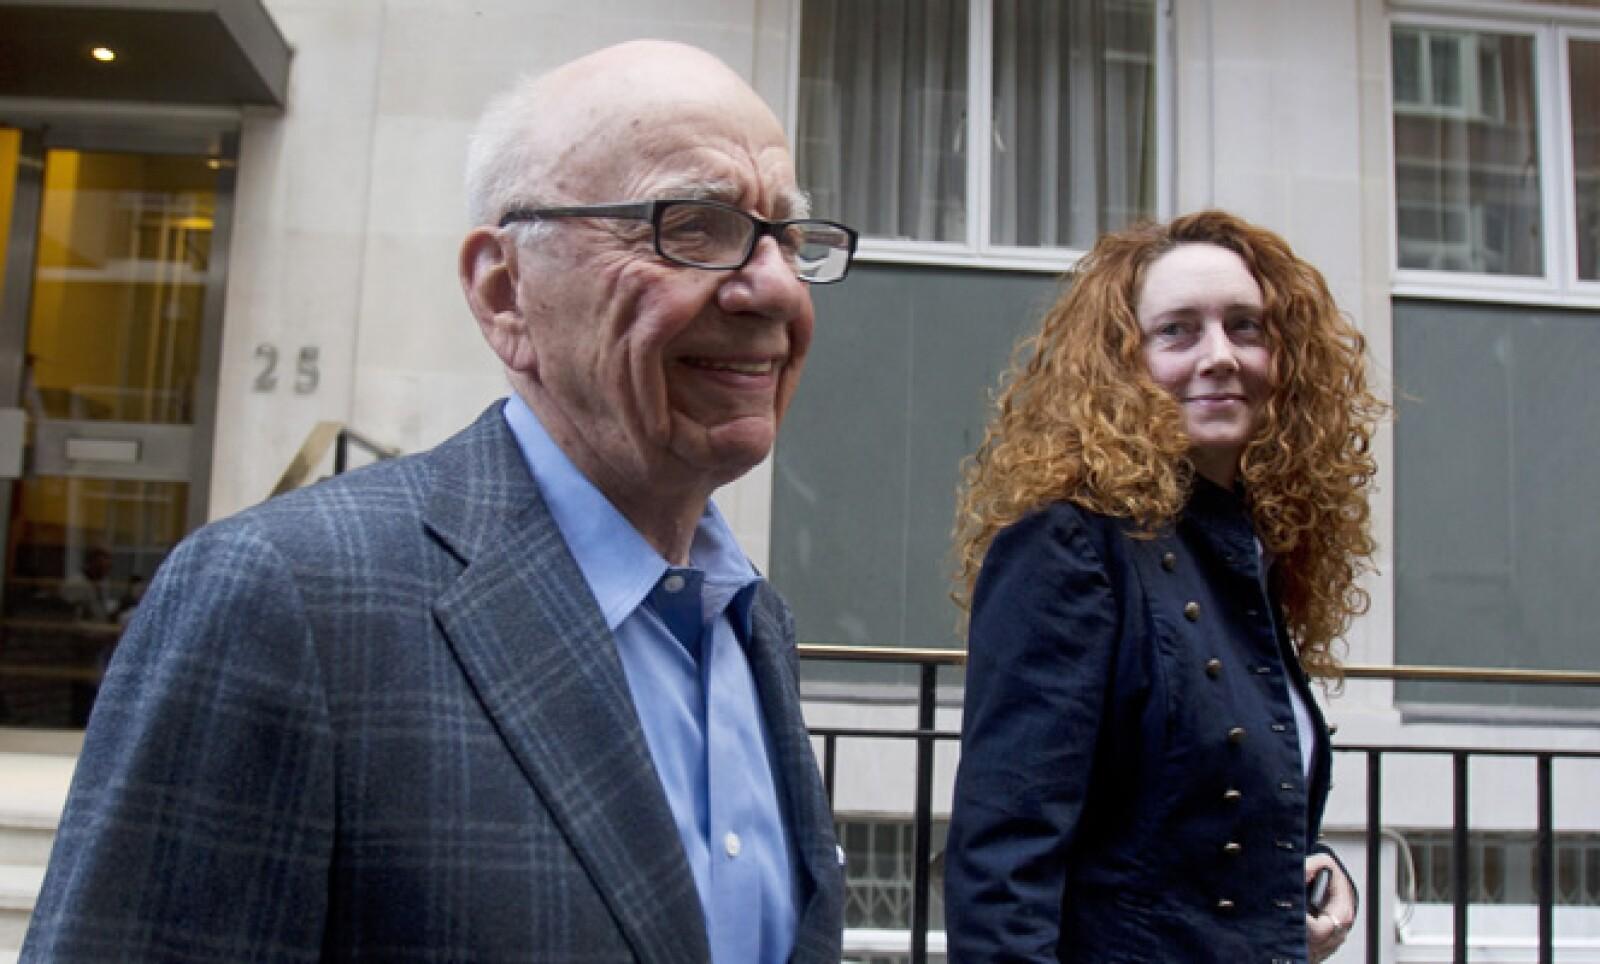 Rupert Murdoch, magnate de los medios, se vio envuelto en un escándalo de espionaje el 8 de julio.